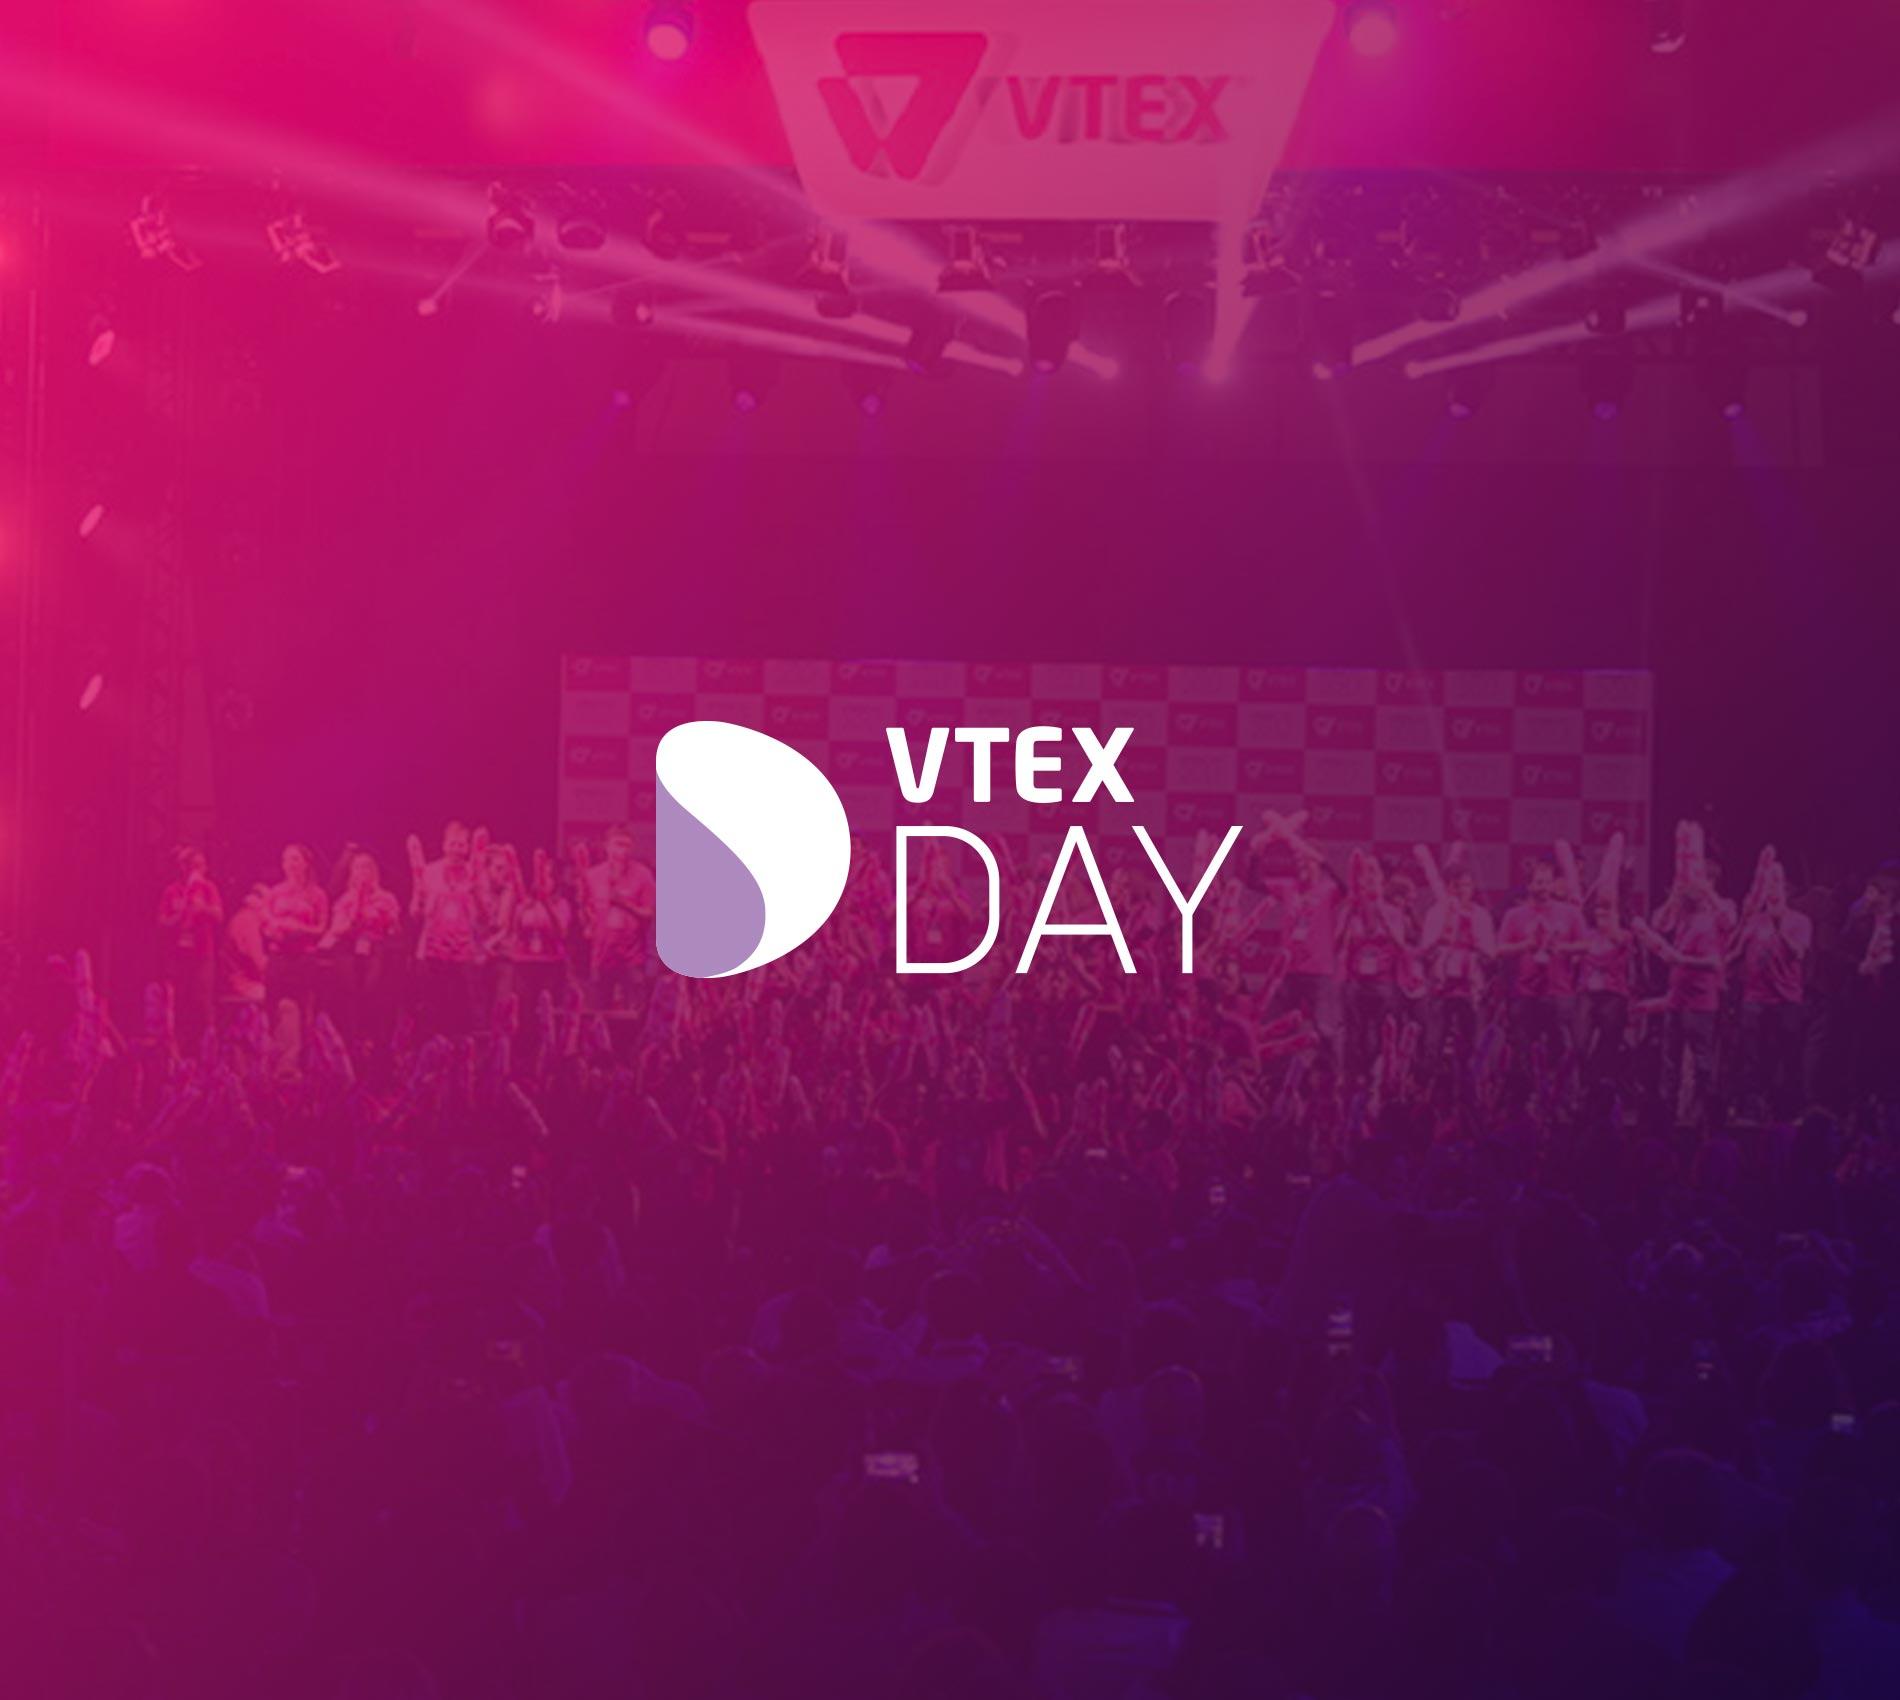 VTEX DAY 2018, São Paulo